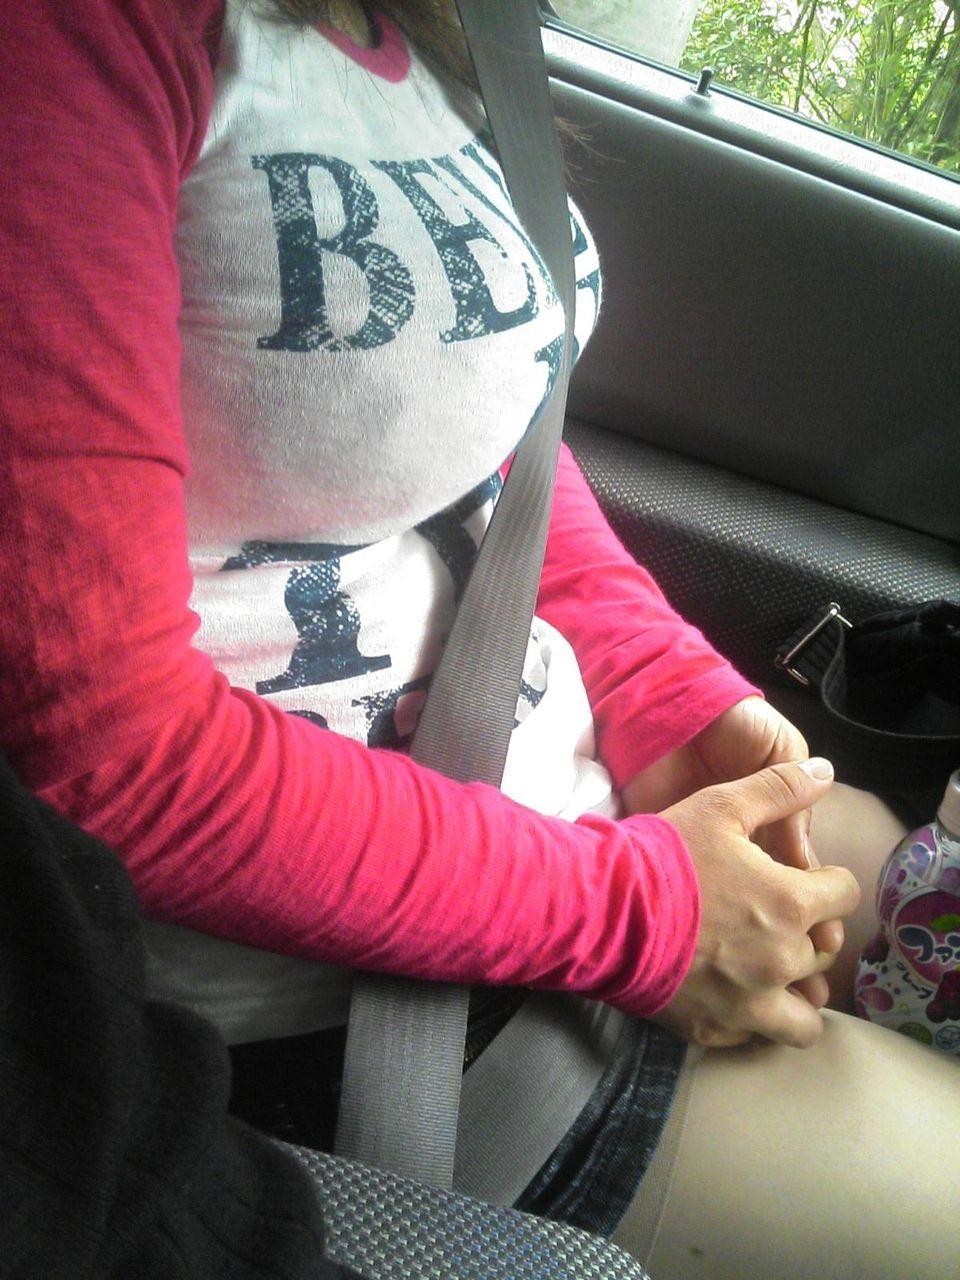 女部下とドライブデート車内太ももタイトスカートフェチ画像1枚目